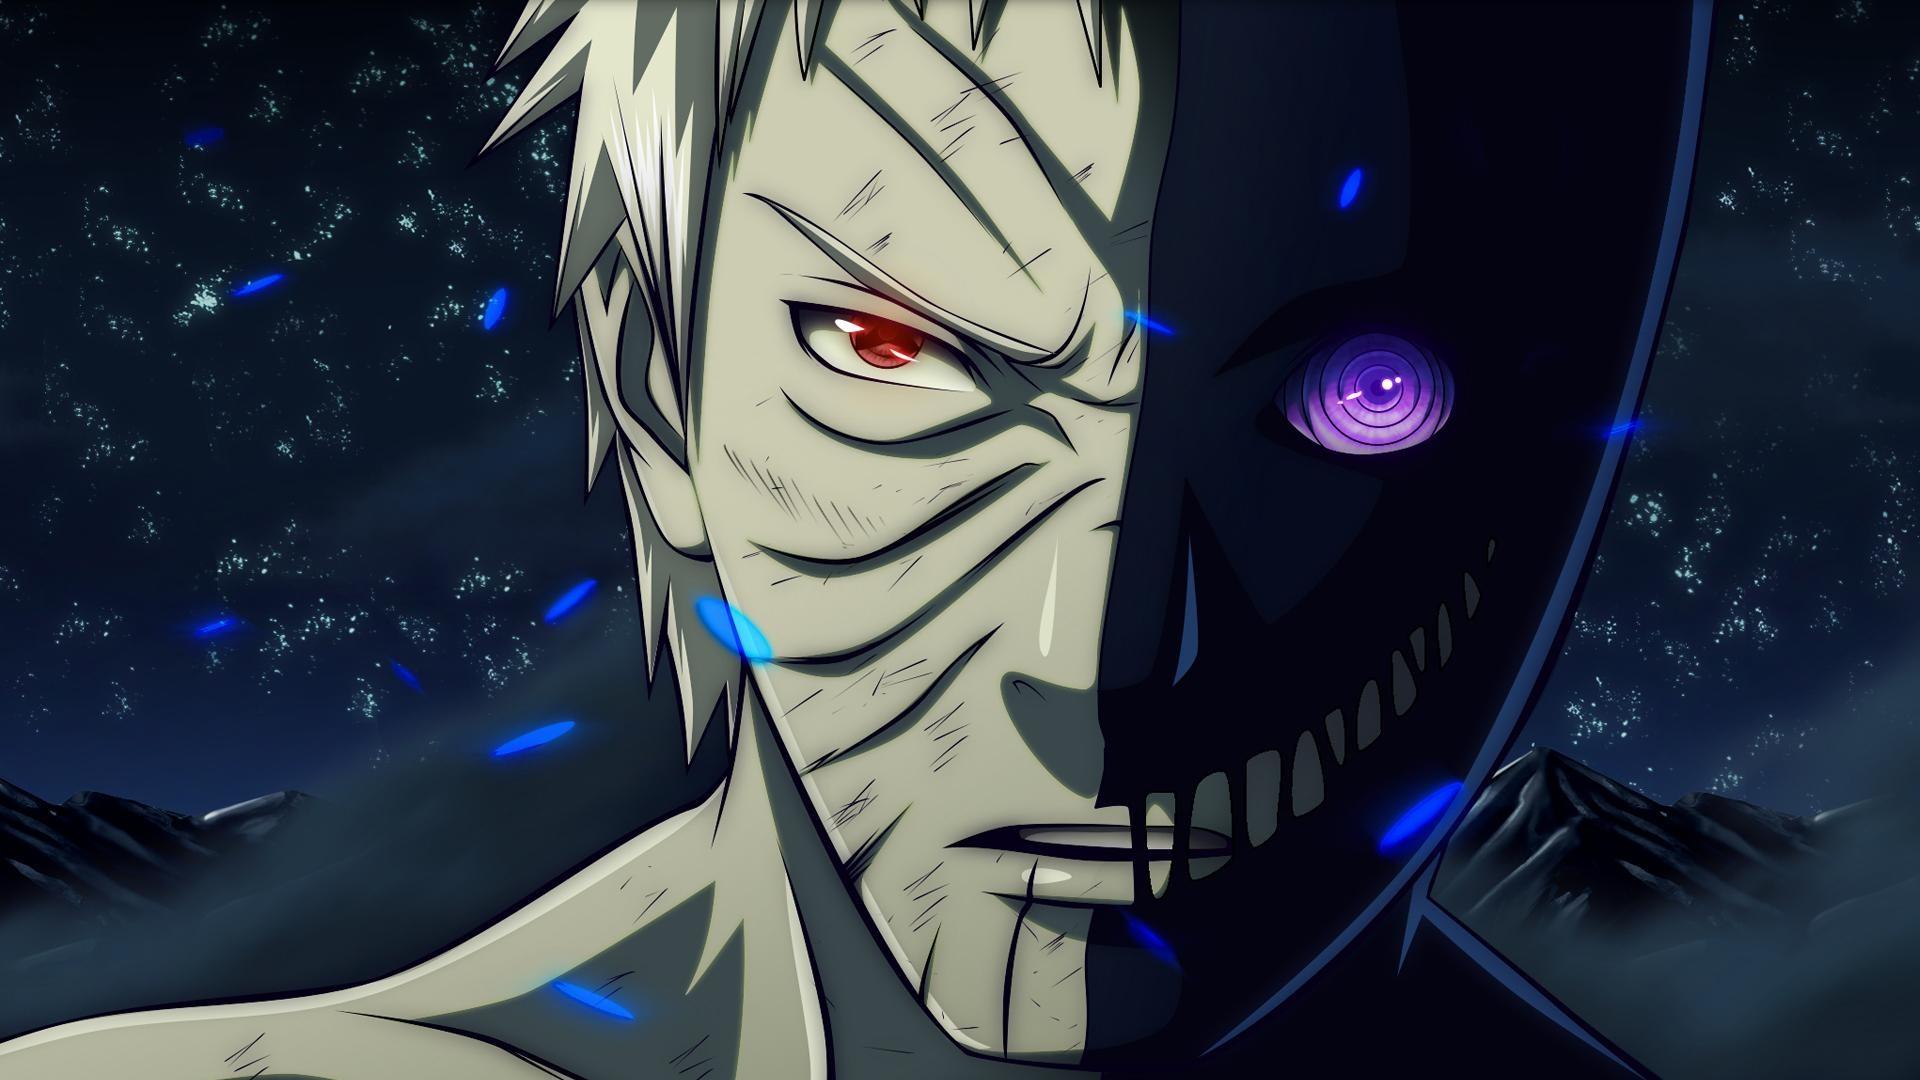 Obito-Uchiha-with-his-sharingan-rinnegan-eyes-wallpaper-